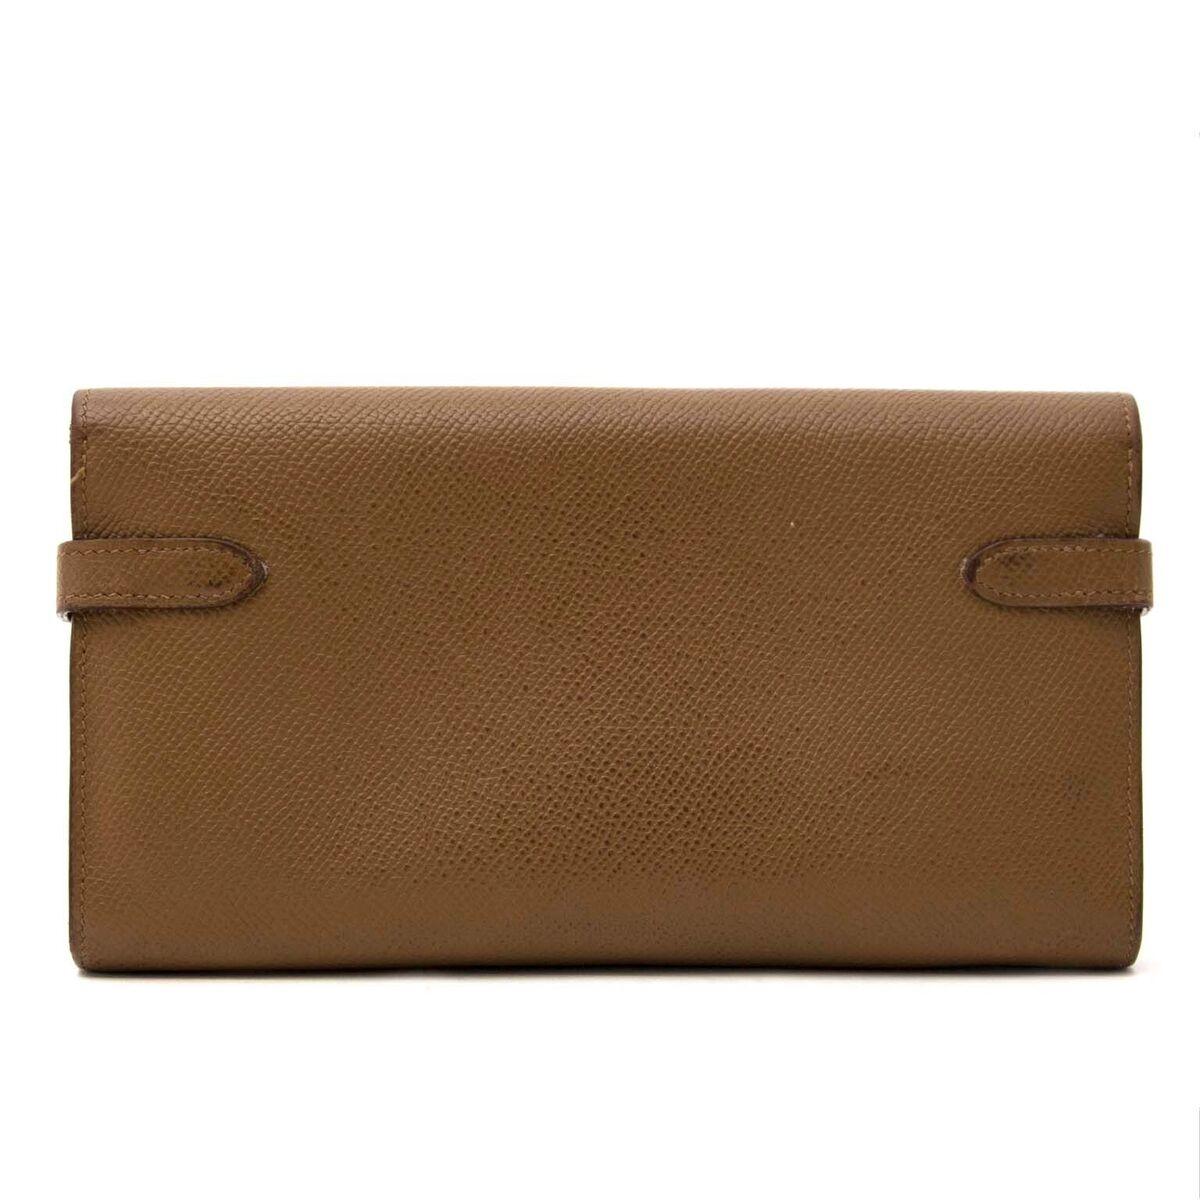 Koop authentieke tweedehands Hermes in epsom portefeuilles aan een eerlijke prijs bij LabelLOV. Veilig online shoppen.